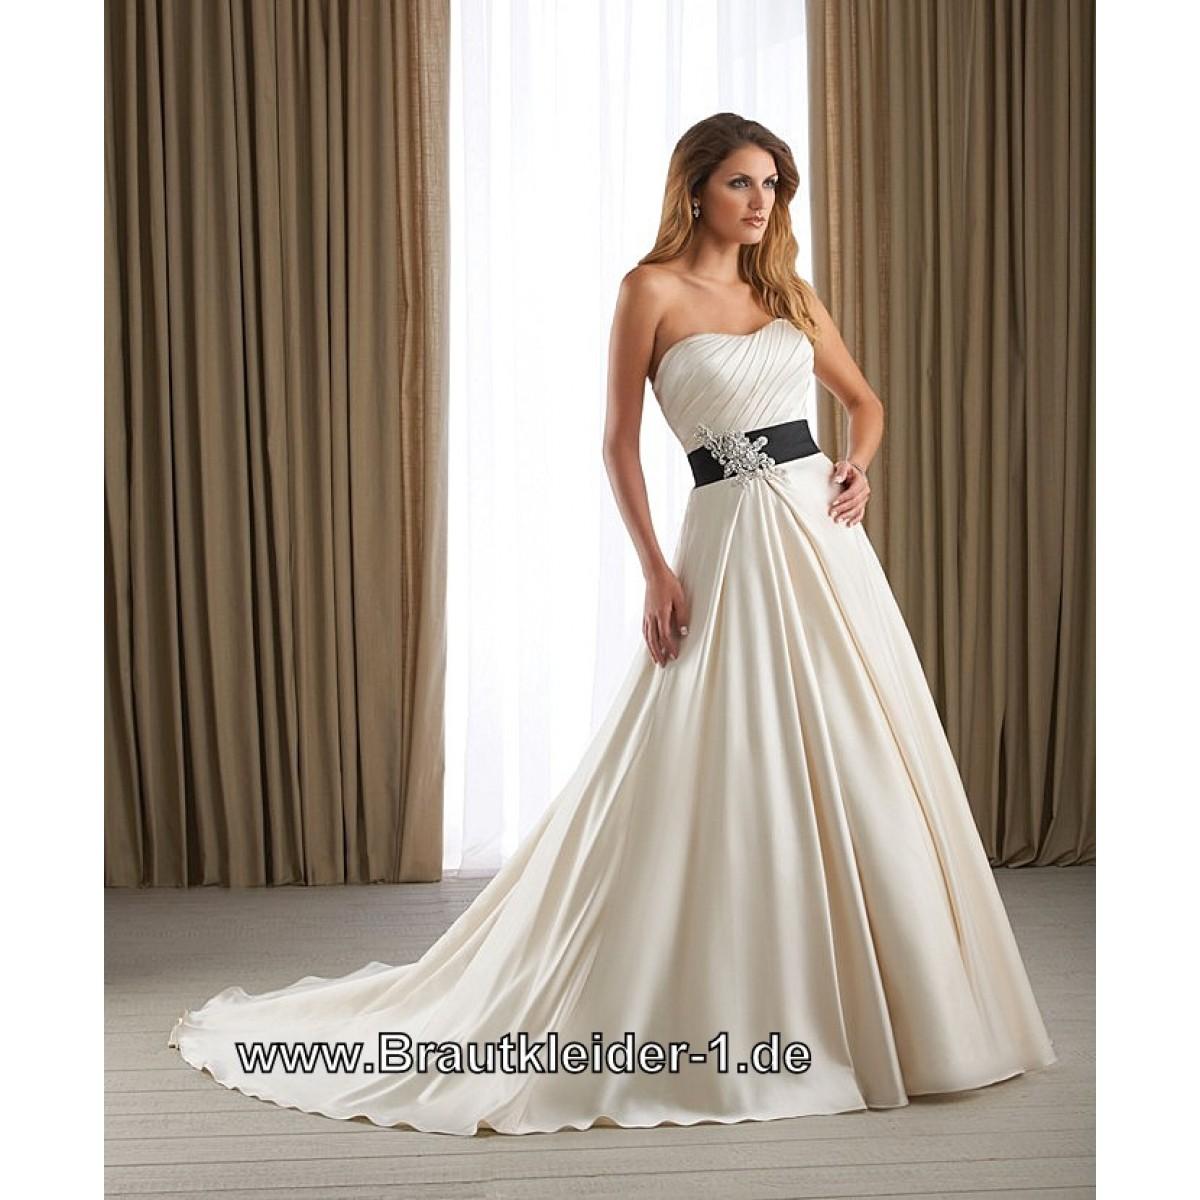 Niedlich Hochzeitskleid Schärpen Fotos - Brautkleider Ideen ...